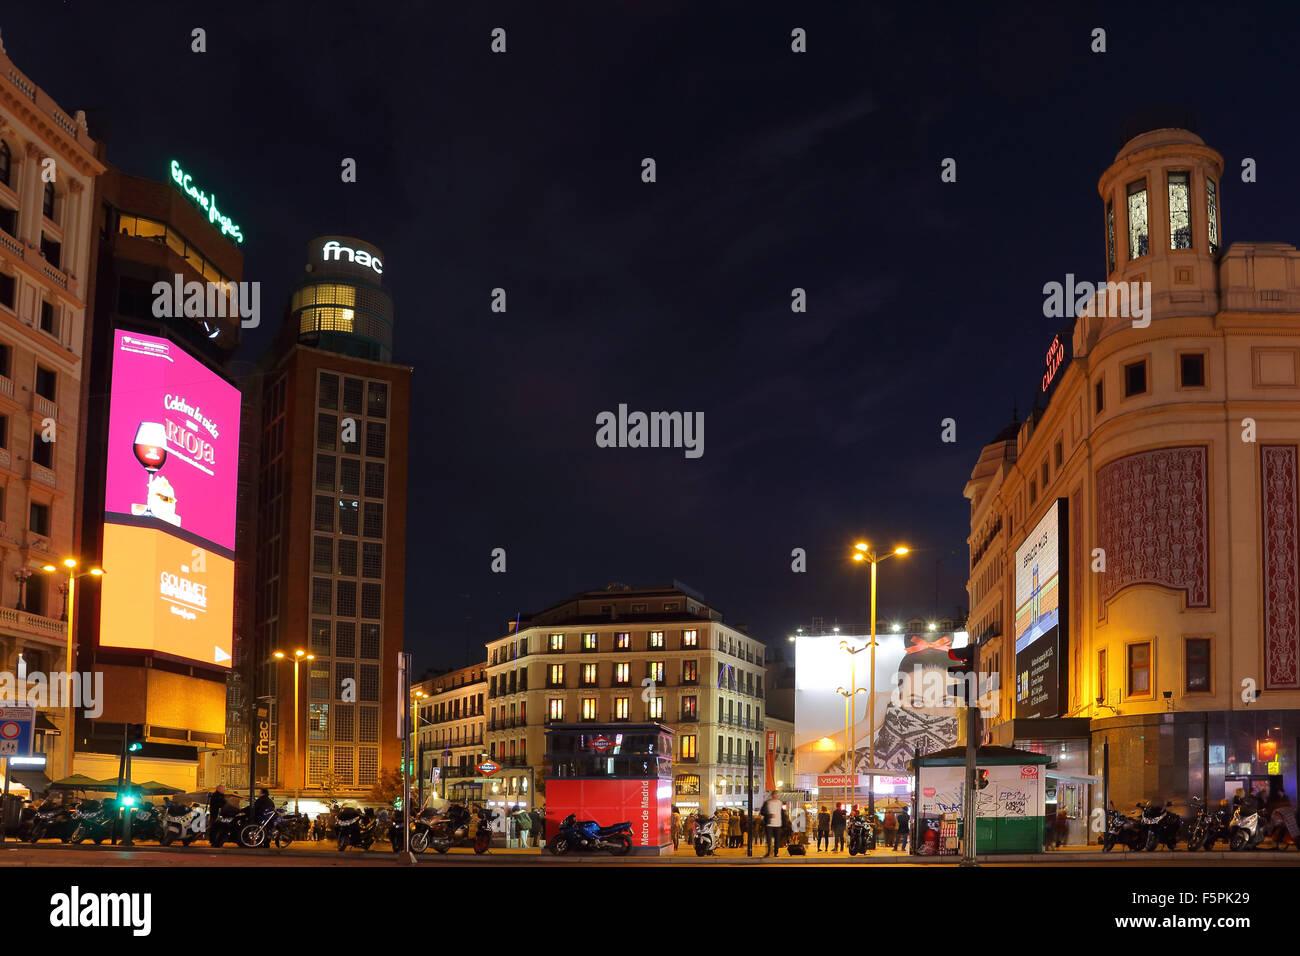 Photo nocturne de la Plaza Callao, à Madrid, avec le Cines Callao, FNAC, et El Corte Inglés de bâtiments. Photo Stock